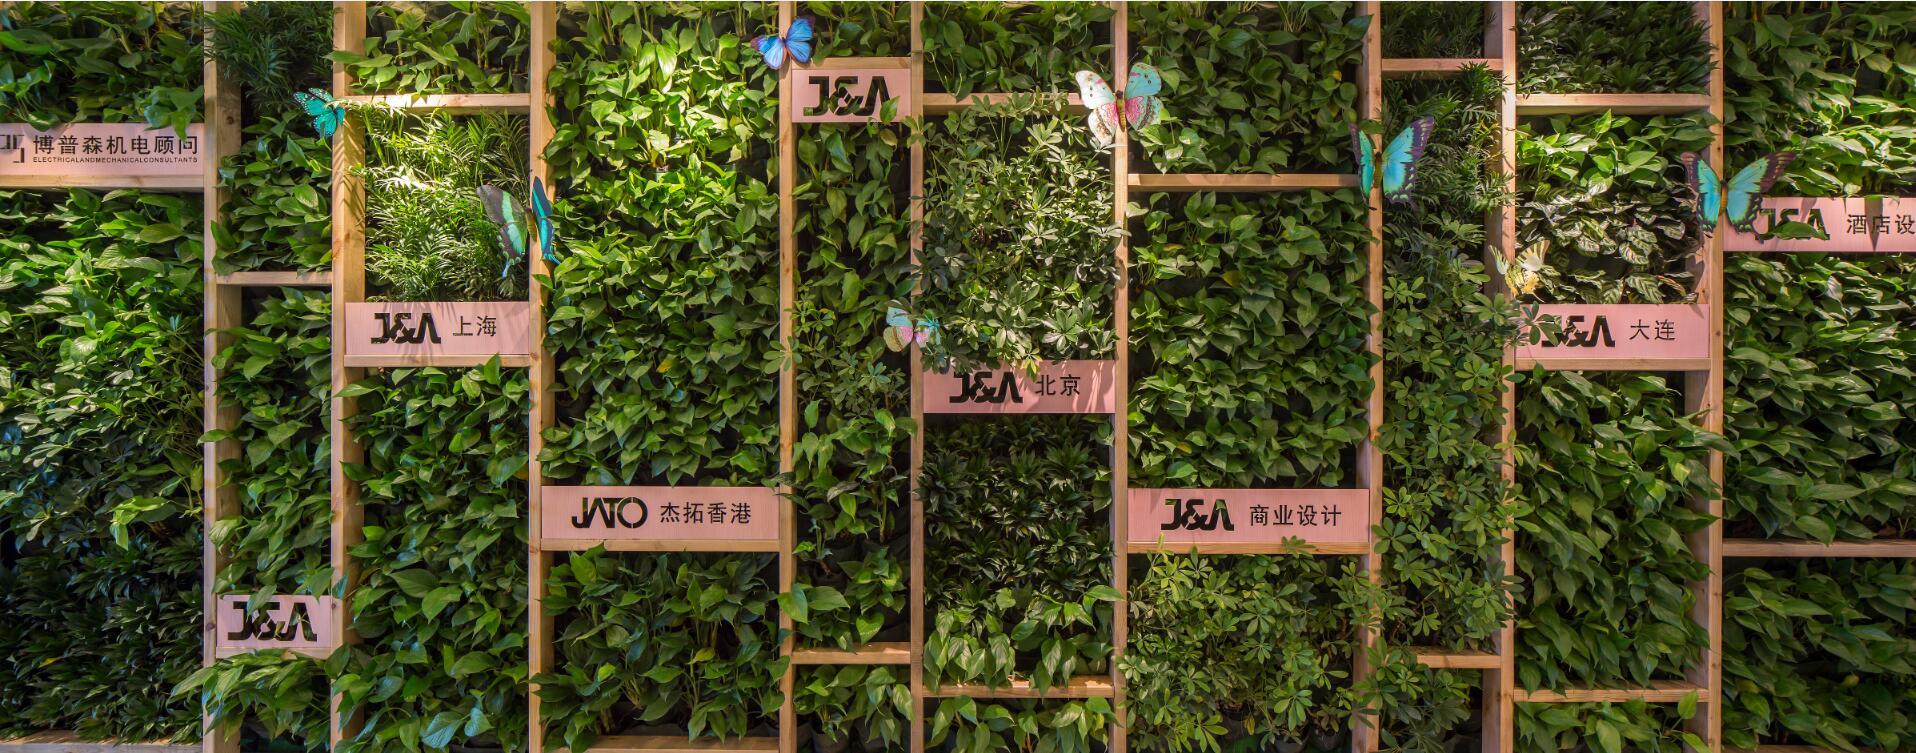 J&A杰恩设计公司-绿植墙.jpg